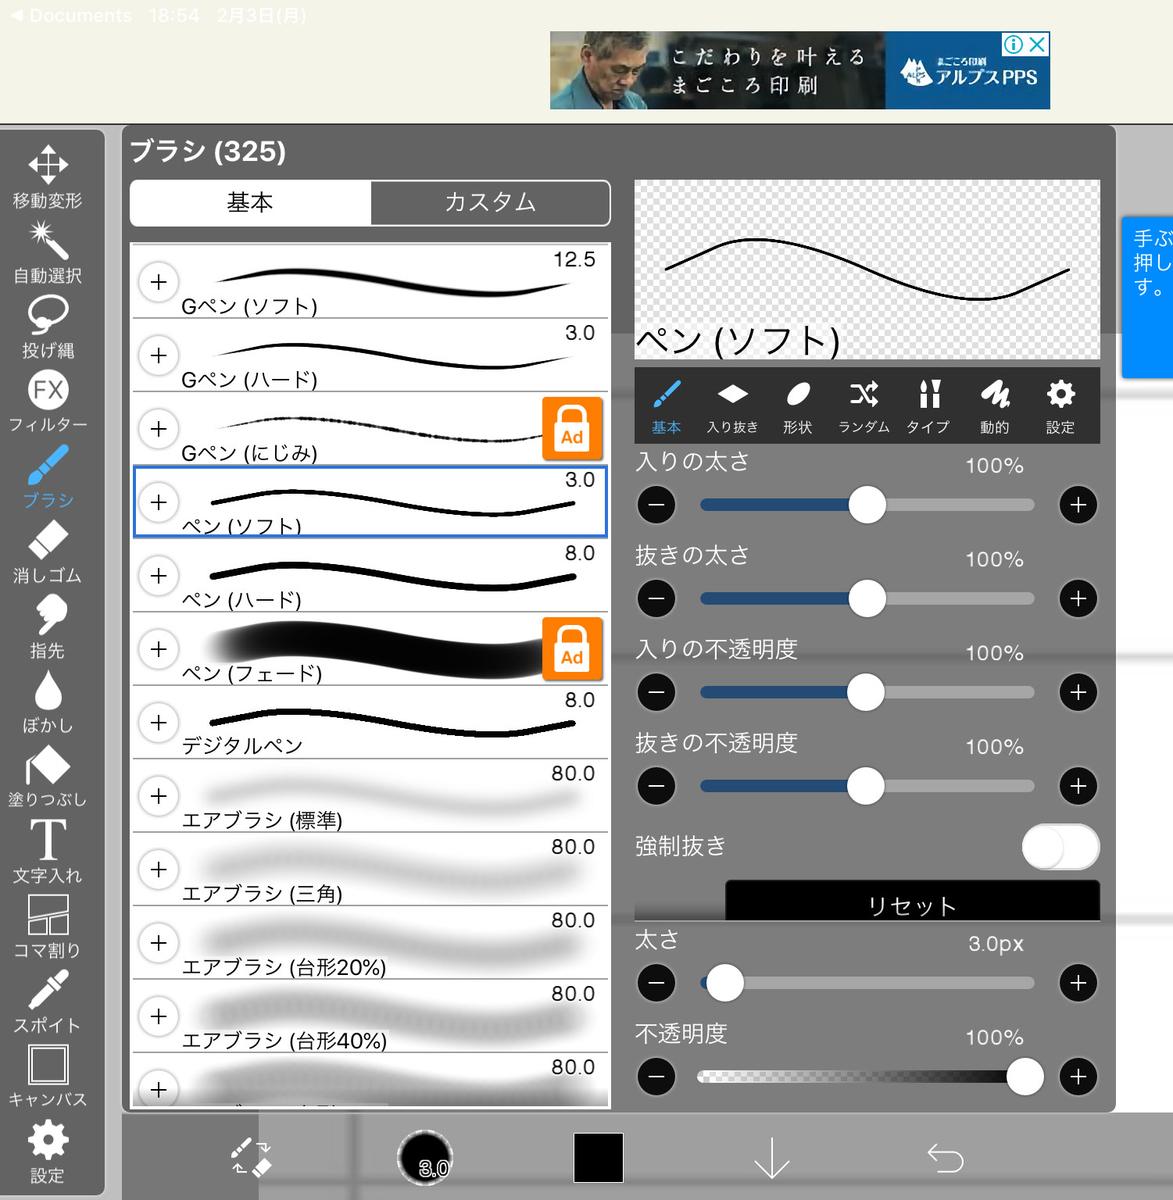 f:id:takase_hiroyuki:20200215054700j:plain